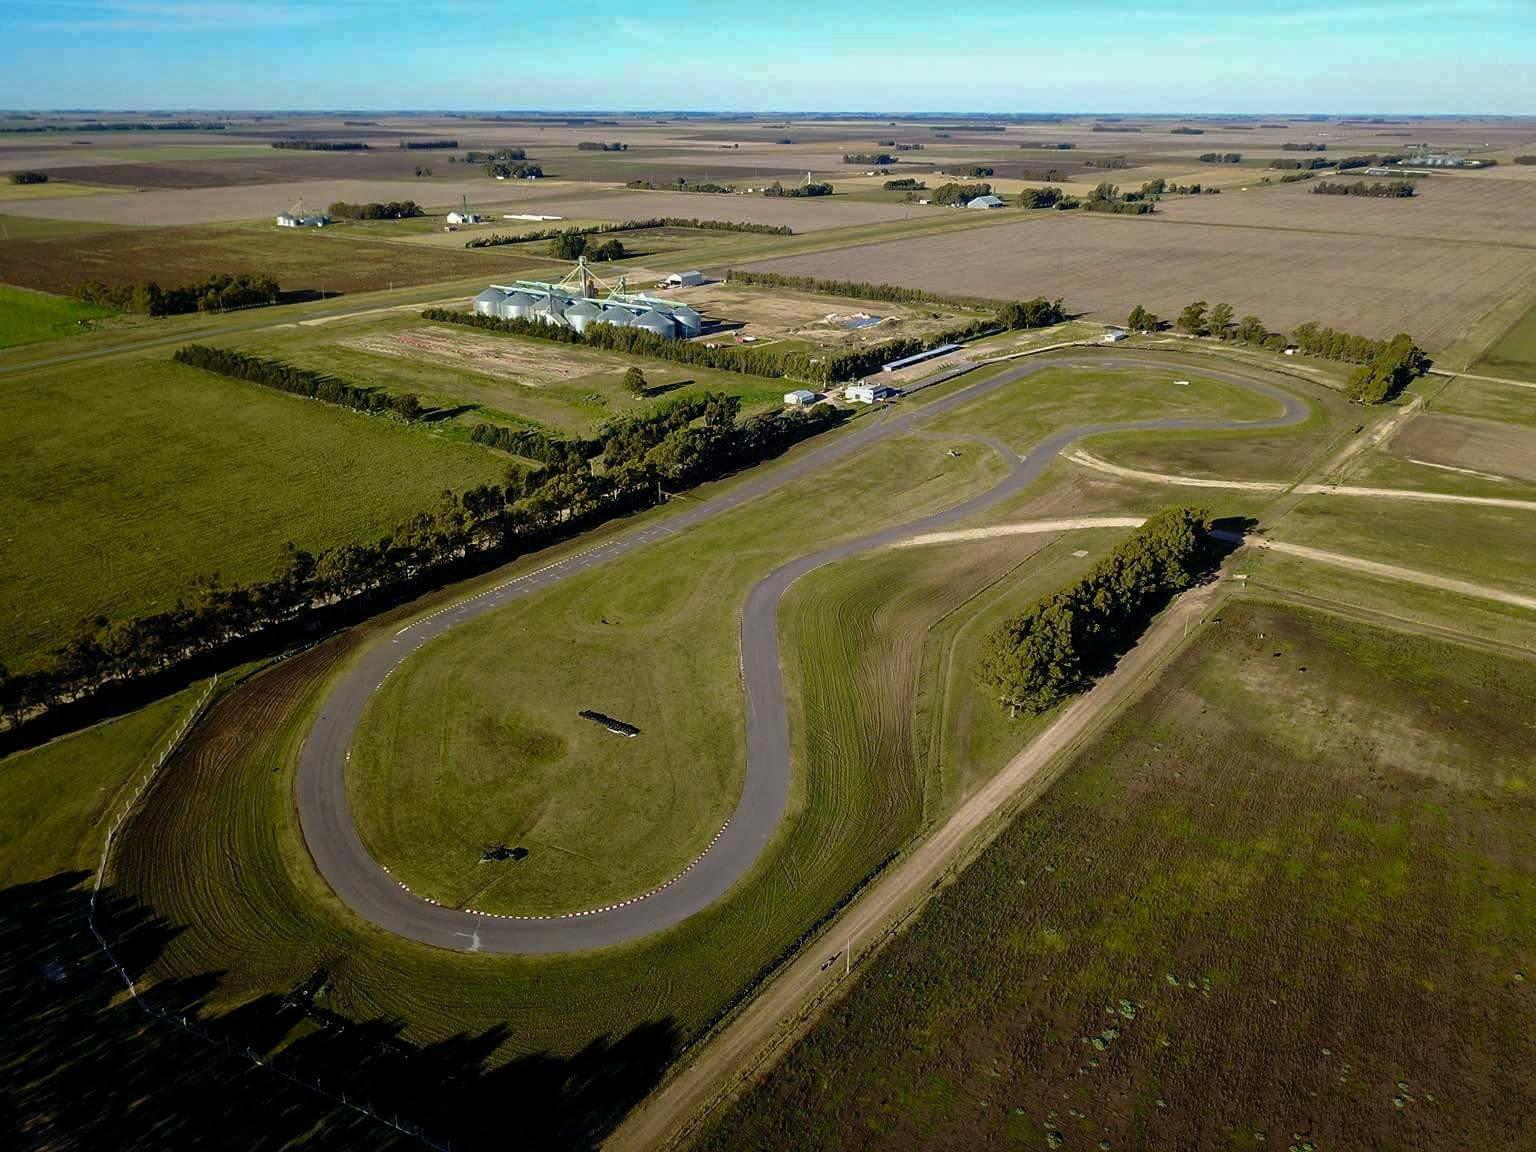 Moto Club: lograron acuerdo para el reasfaltado de la pista